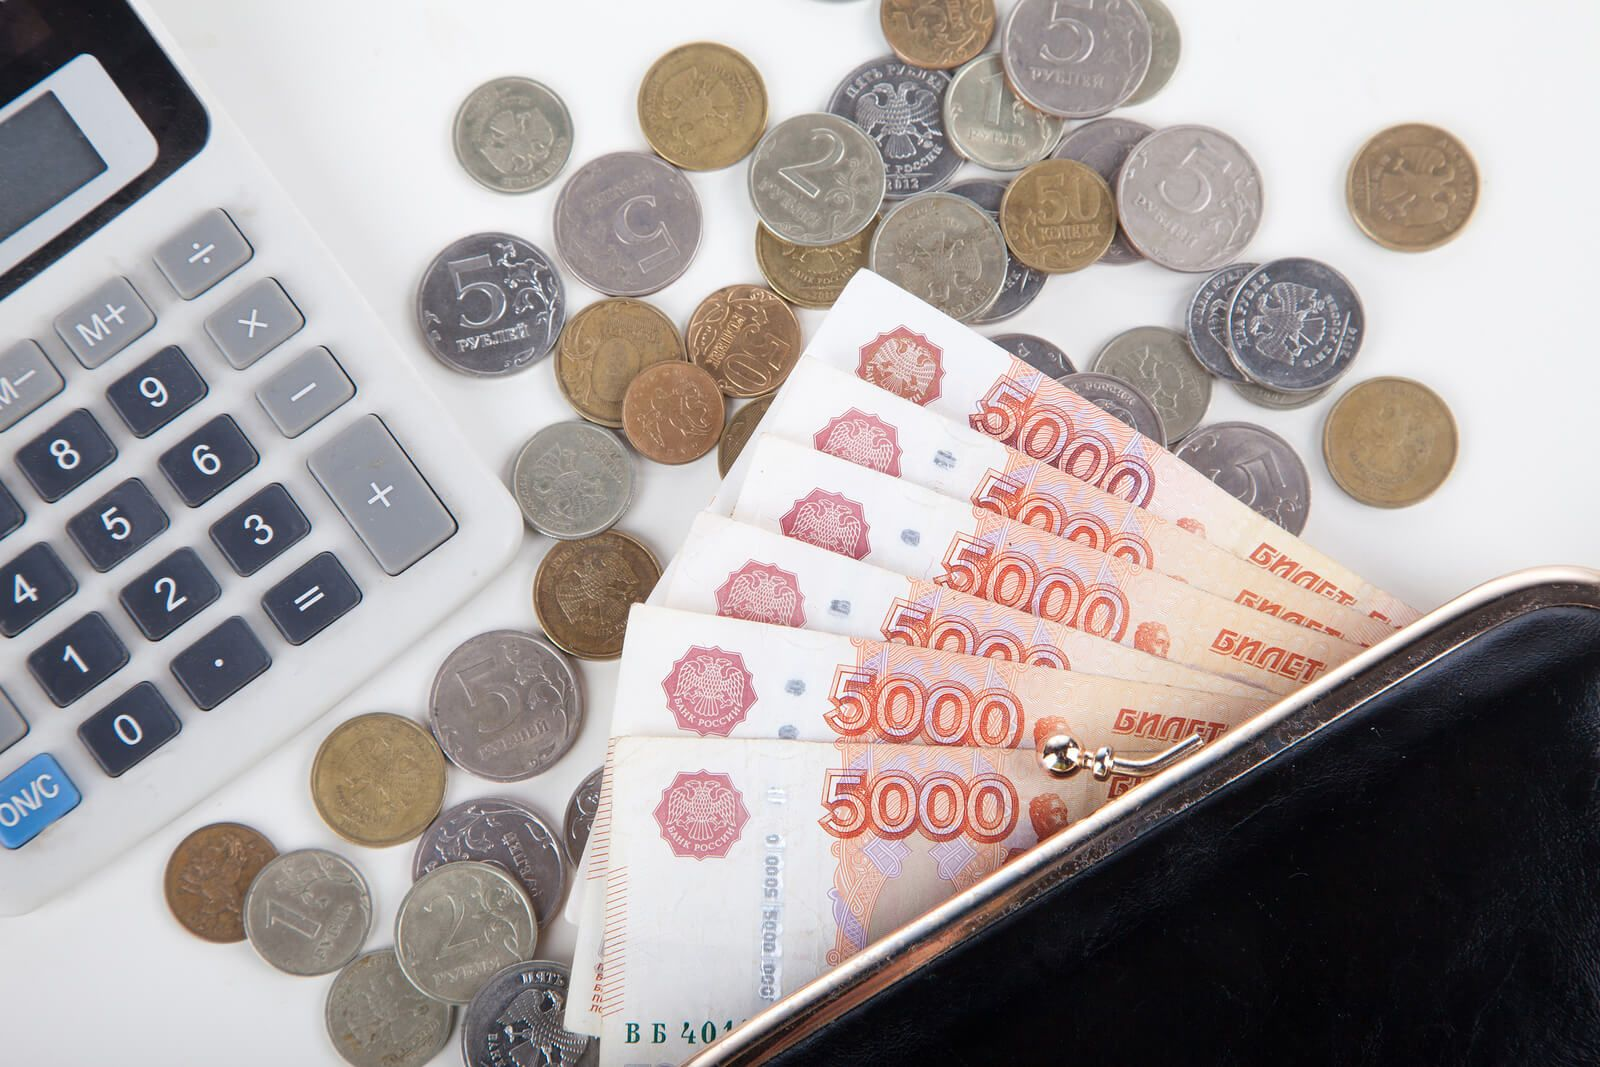 Средний доход пенсионера в России оценили в 46 тысяч рублей